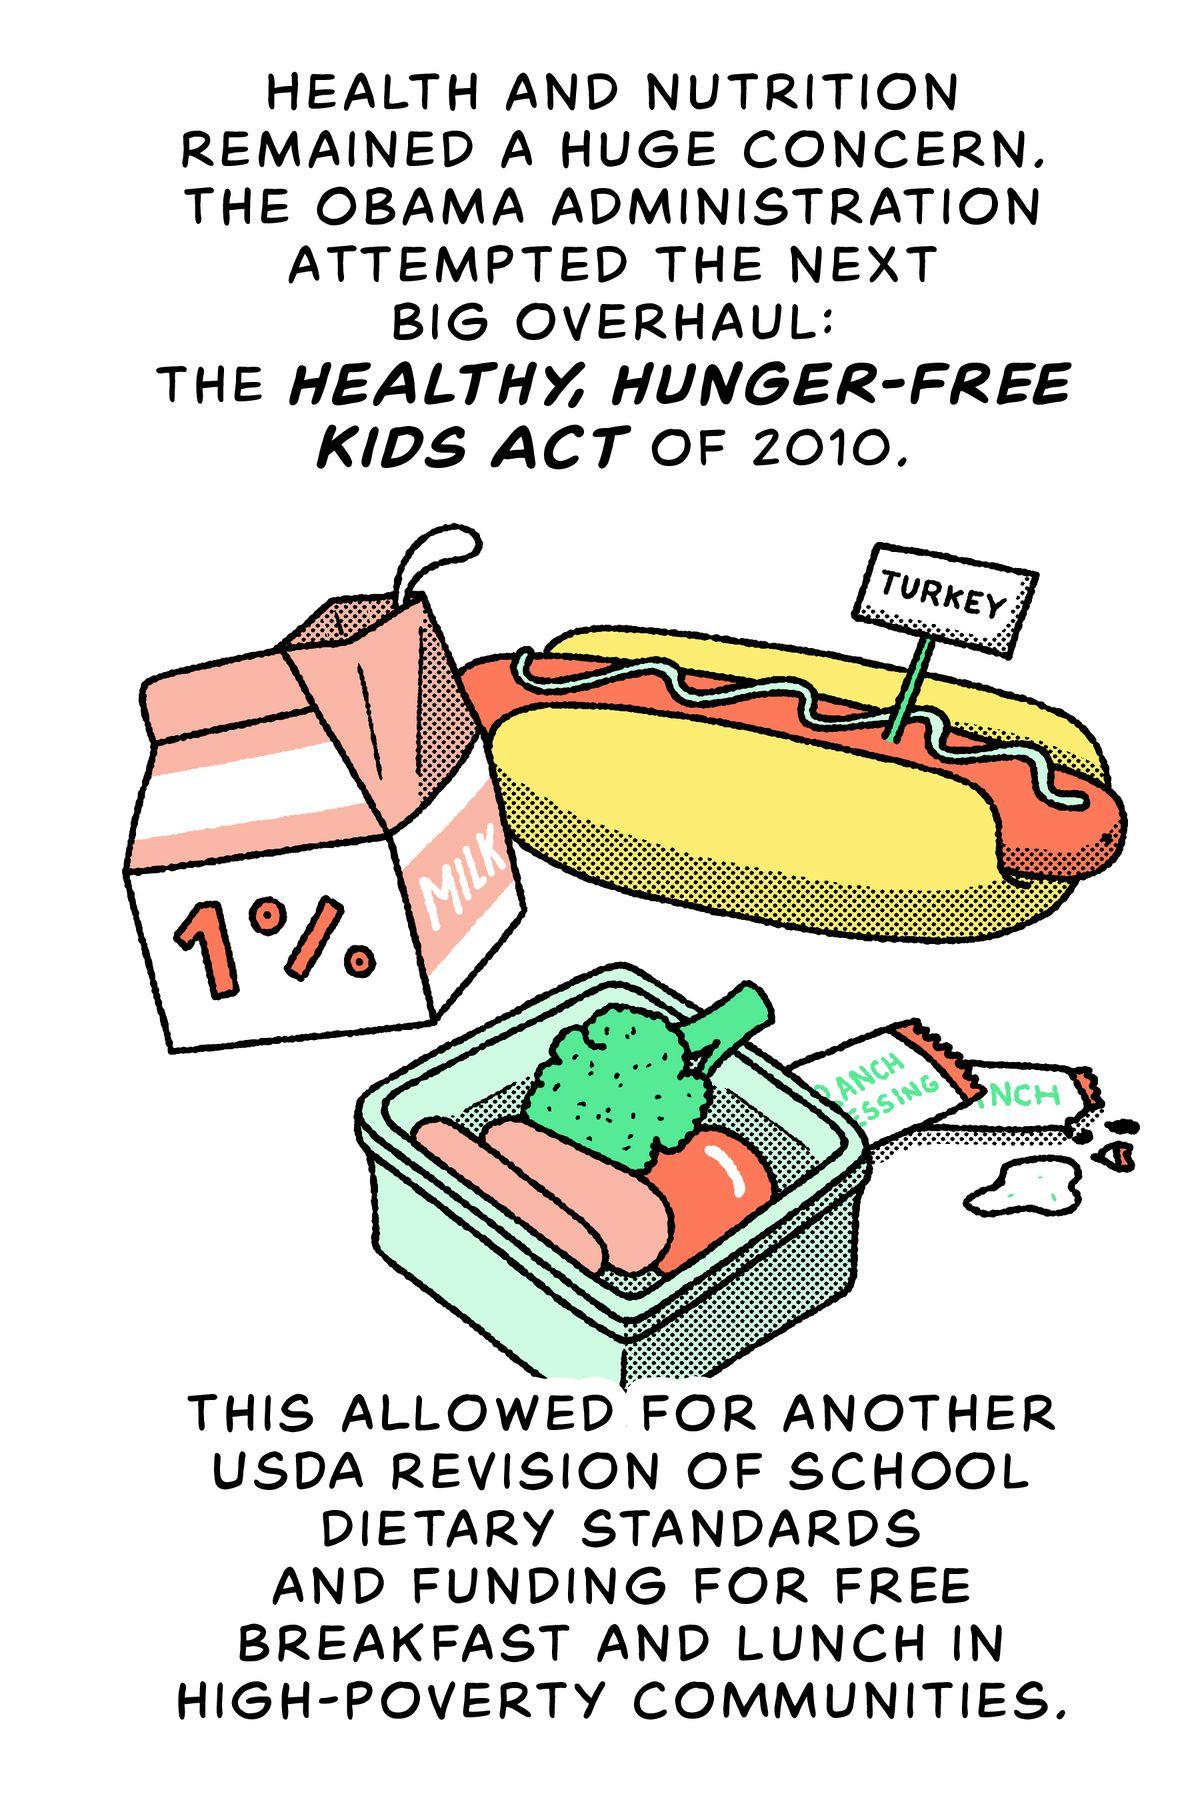 Lait 1%, légumes, hot-dogs à la dinde : la santé et la nutrition sont restées une préoccupation majeure.  L'administration Obama a tenté la prochaine grande refonte : la Healthy, Hunger-Free Kids Act de 2010. Cela a permis une autre révision de l'USDA des normes alimentaires scolaires et le financement du petit-déjeuner et du déjeuner gratuits dans les communautés très pauvres.